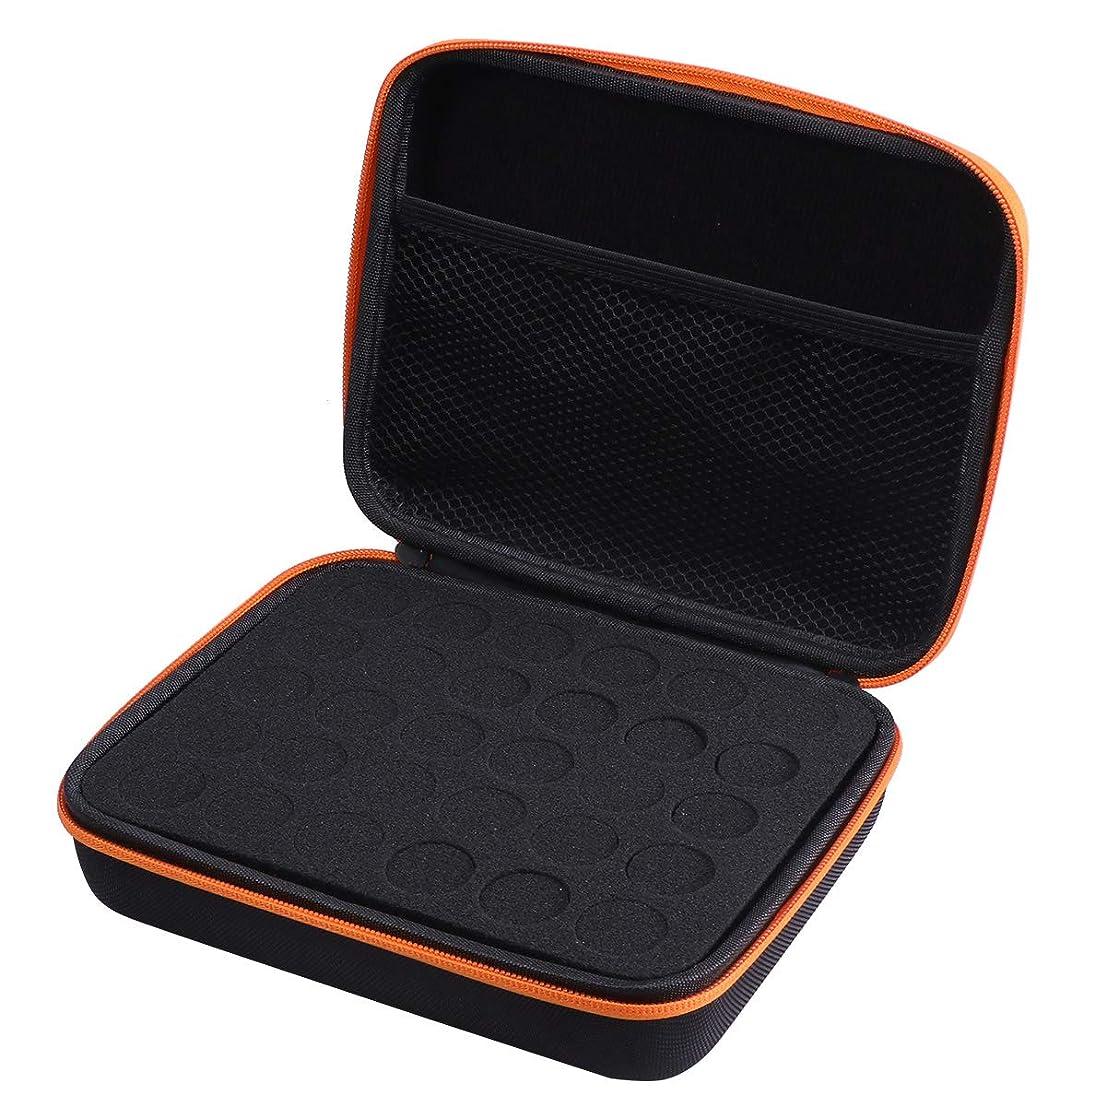 タイル表面的な縫うFrcolor エッセンシャルオイル ケース 携帯用 アロマポーチ アロマケース メイクポーチ 精油ケース 30本用(オレンジ)